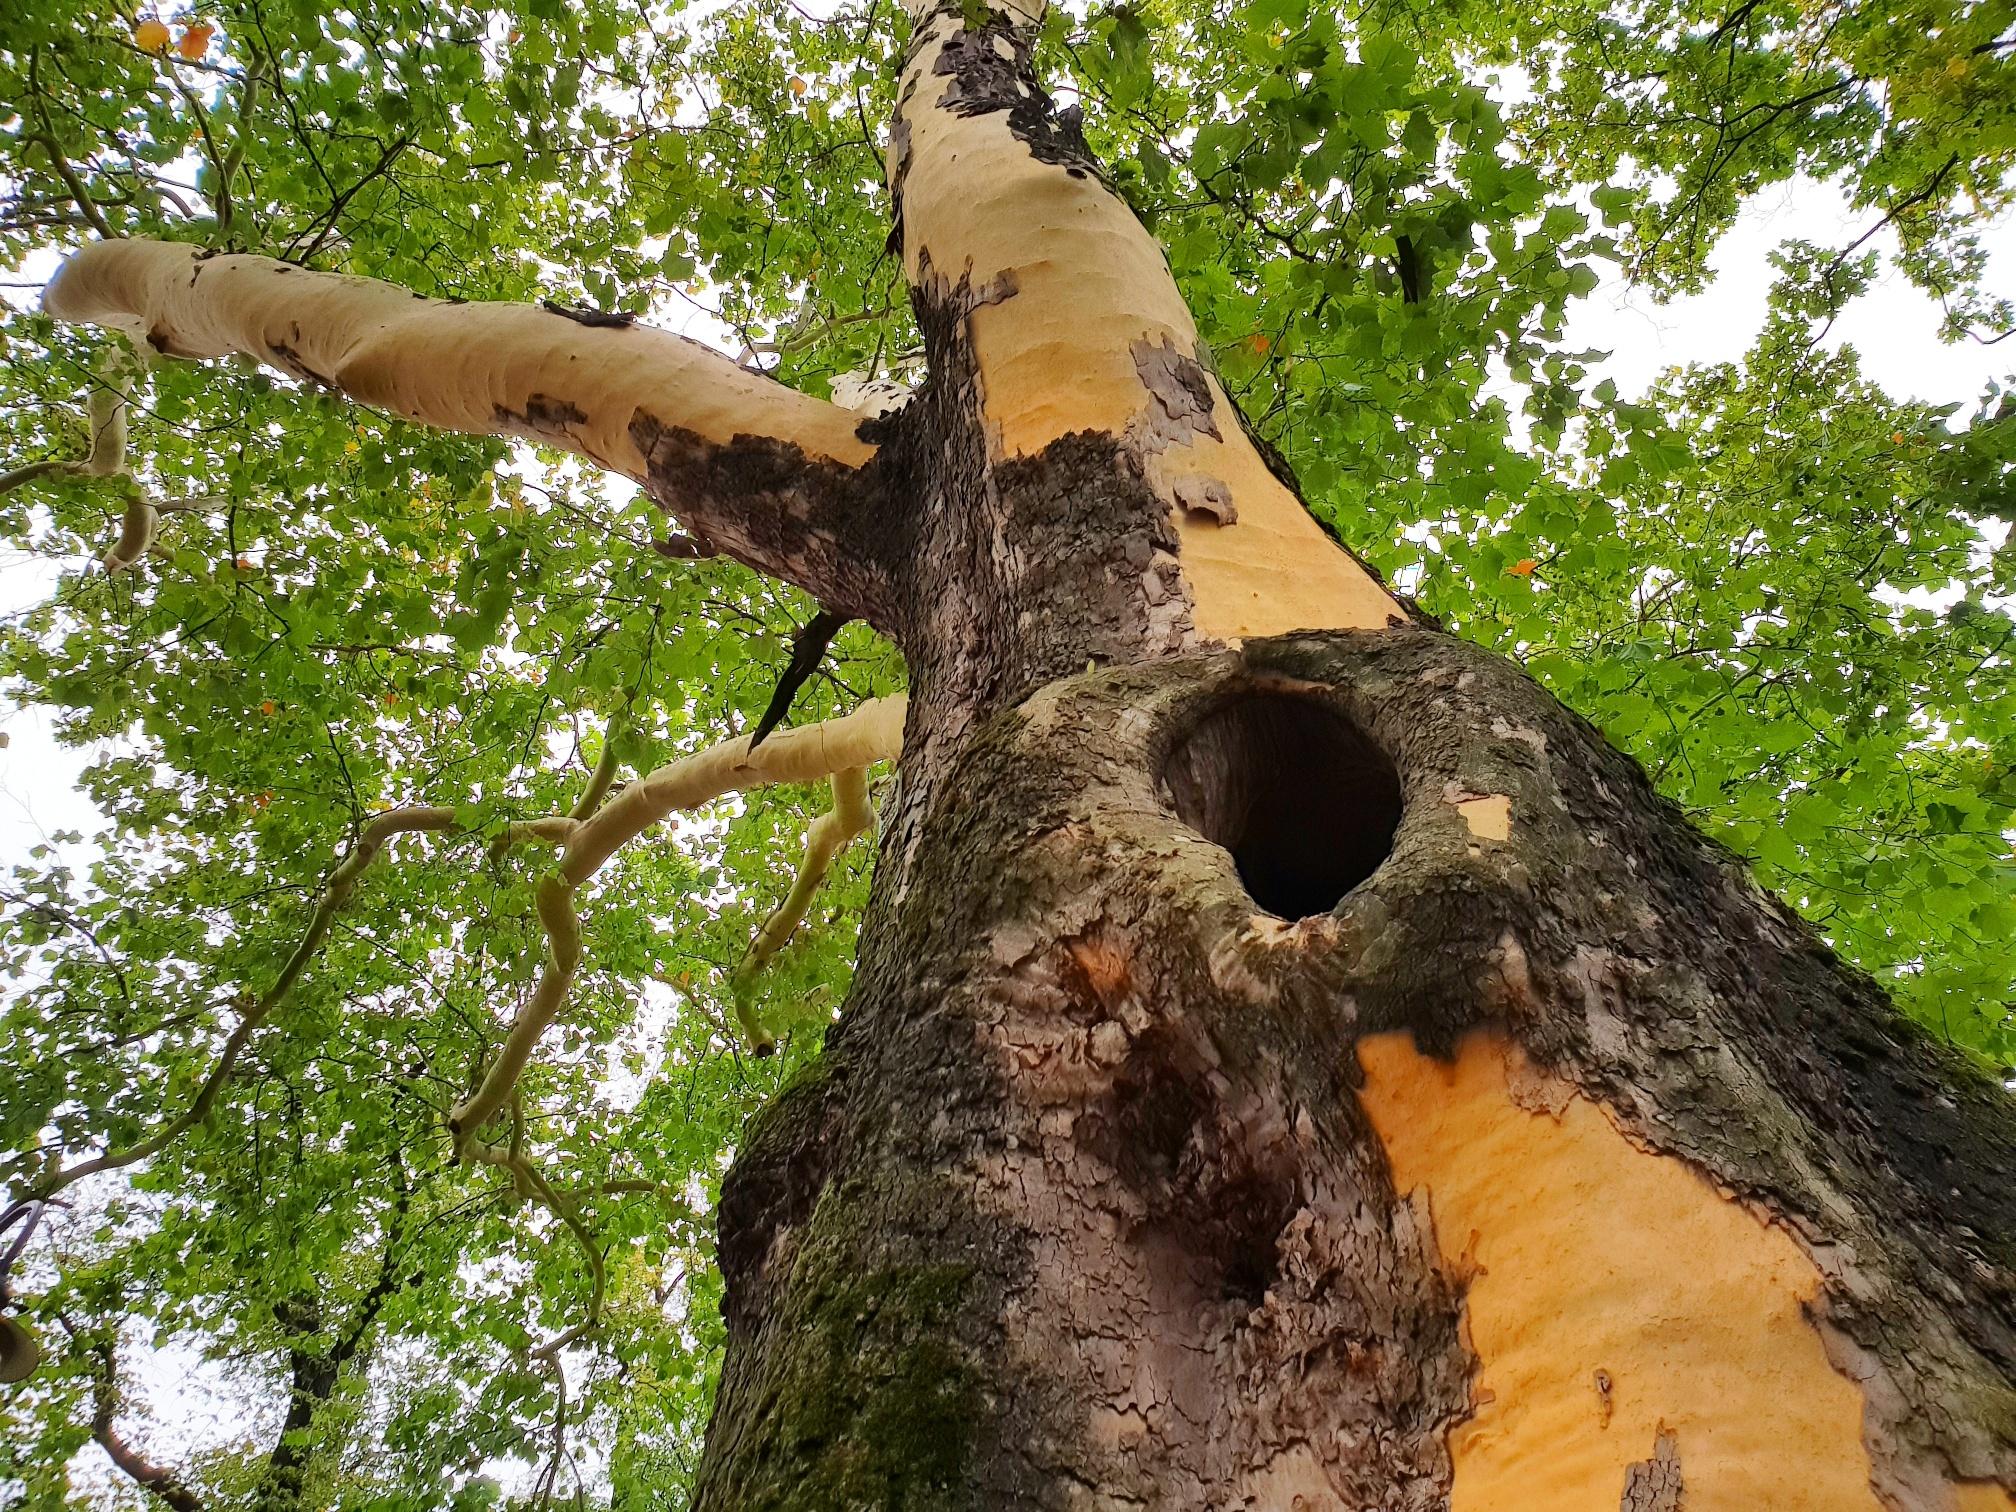 Jedno z najstarszych drzew w Andrychowie coraz bardziej pęka. Czy to jest niebezpieczne?